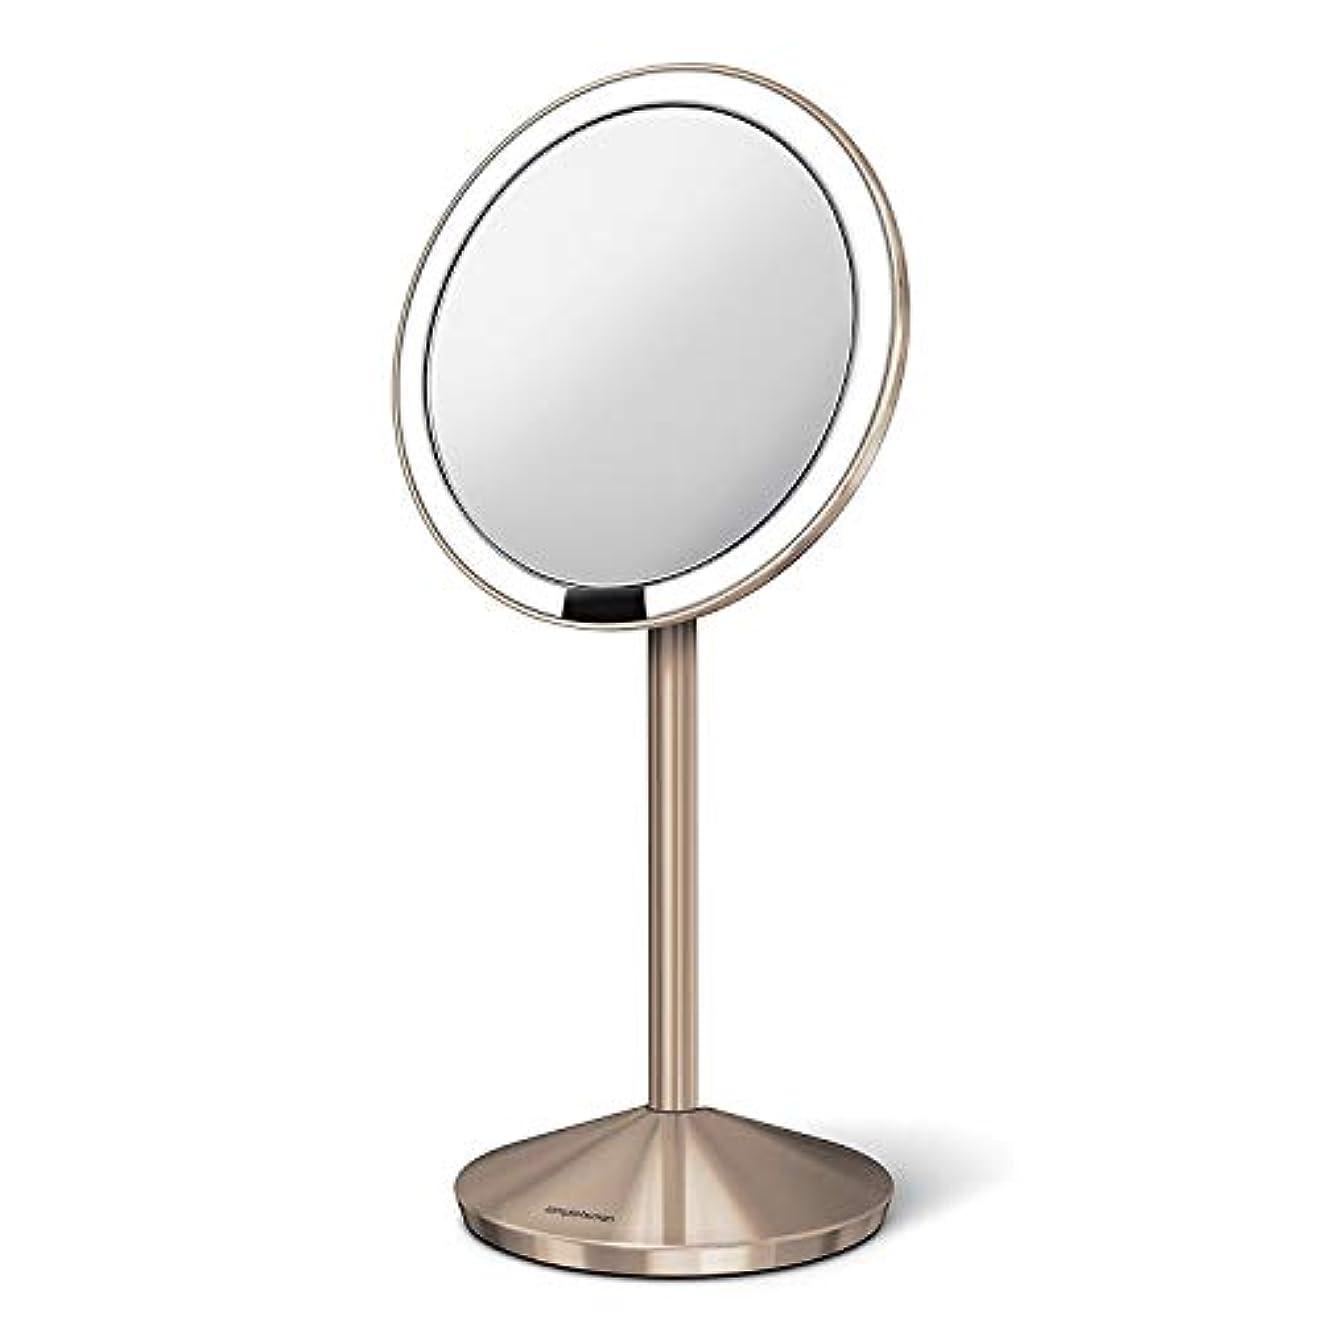 肥満もう一度後方simplehuman 5インチセンサーミラー 照明付きメイクアップミラー 10倍拡大 ステンレススチール 5 inch diameter ゴールド ST3010